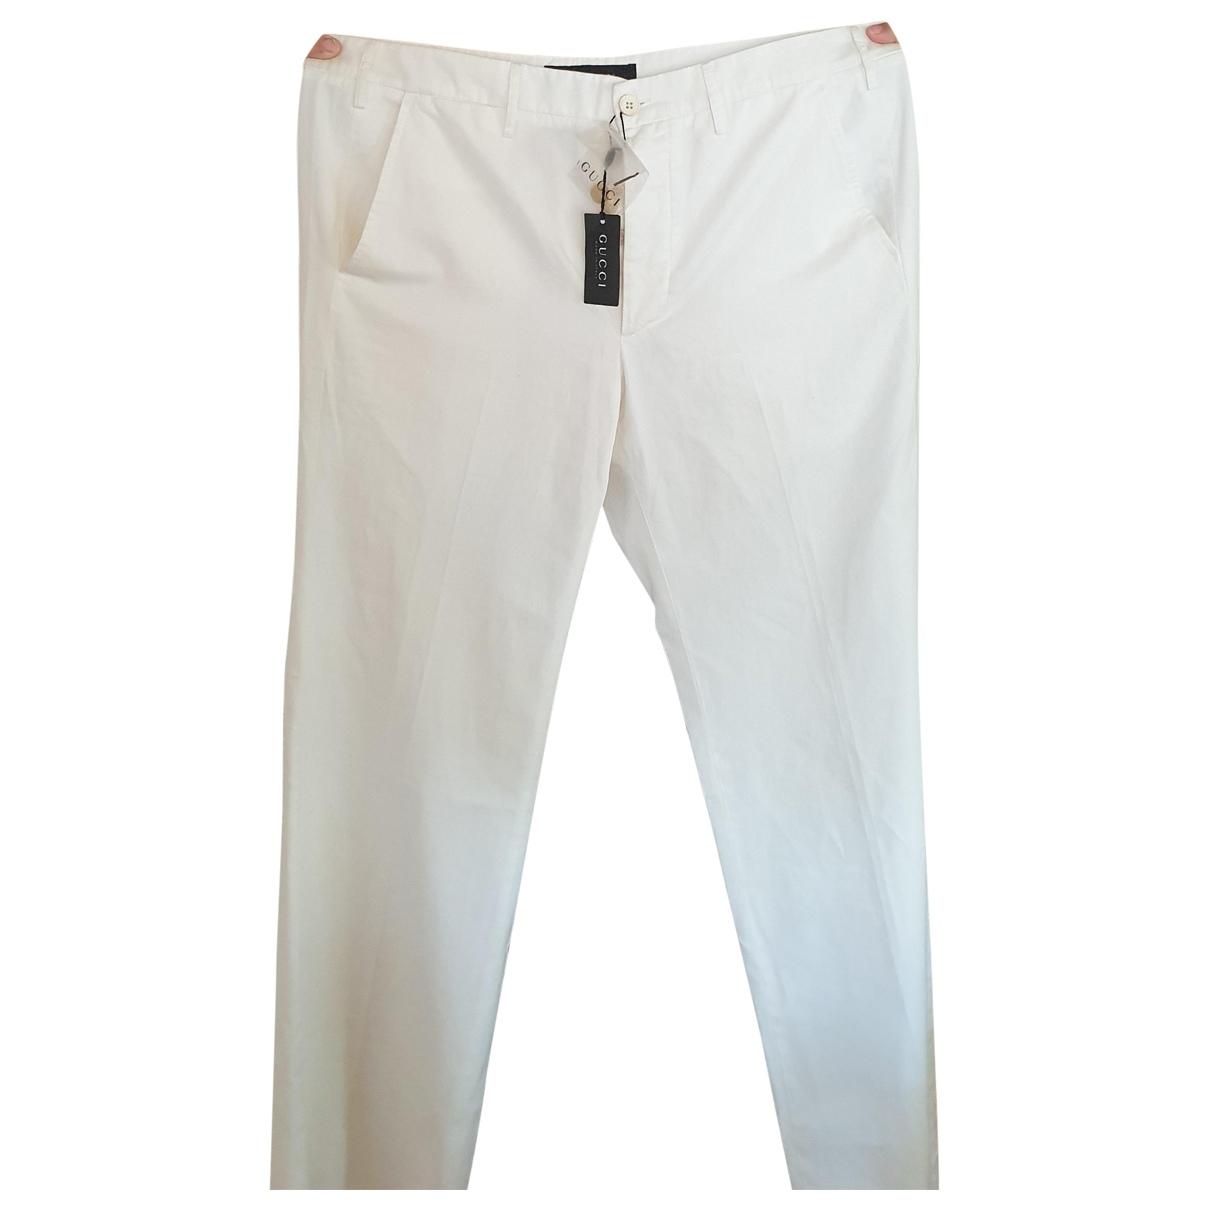 Pantalones en Algodon Blanco Gucci